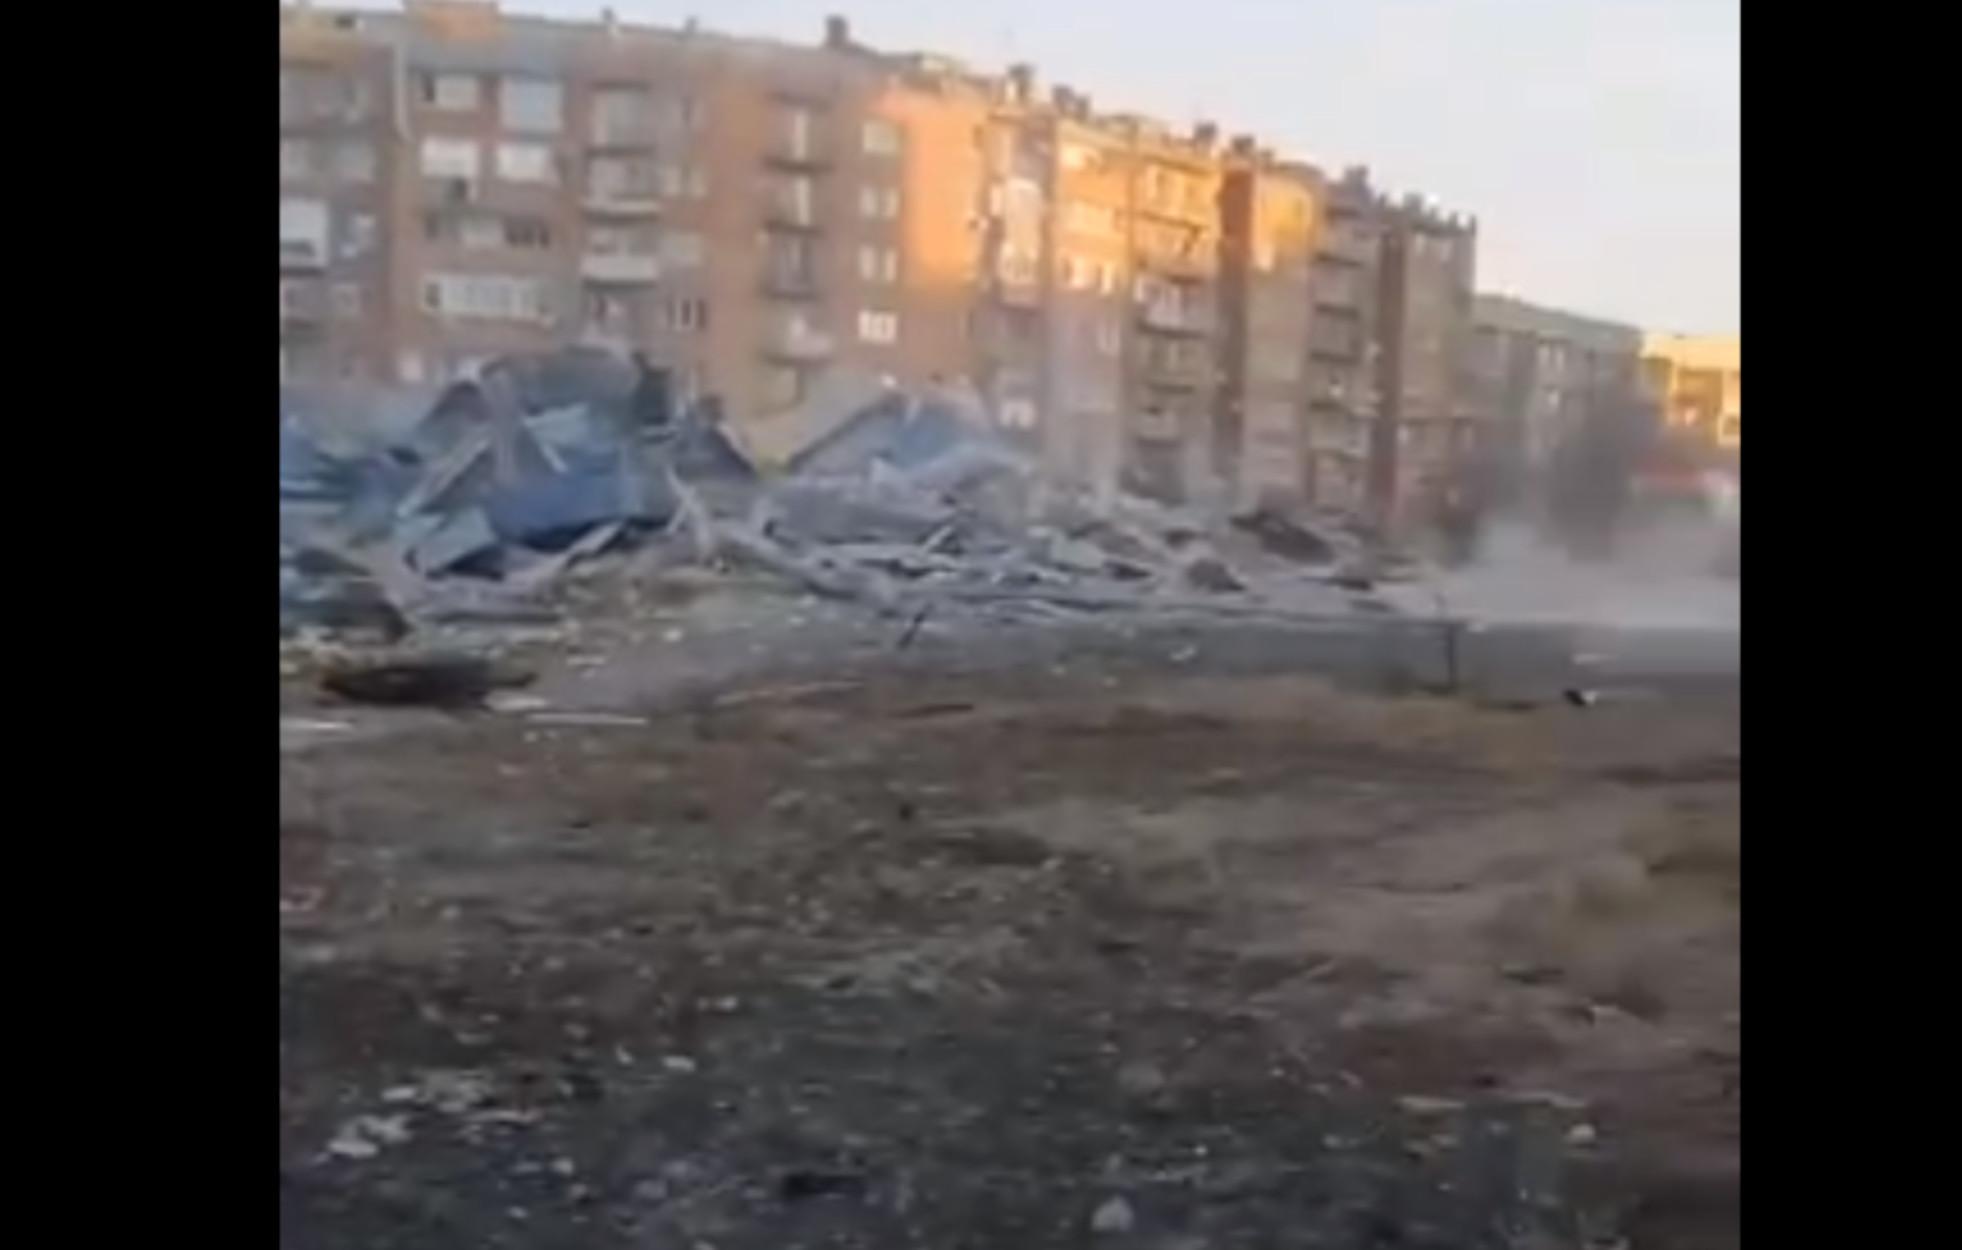 Ρωσία: Πανίσχυρη έκρηξη ισοπέδωσε σούπερ μάρκετ – «Υπάρχουν θύματα» (video)